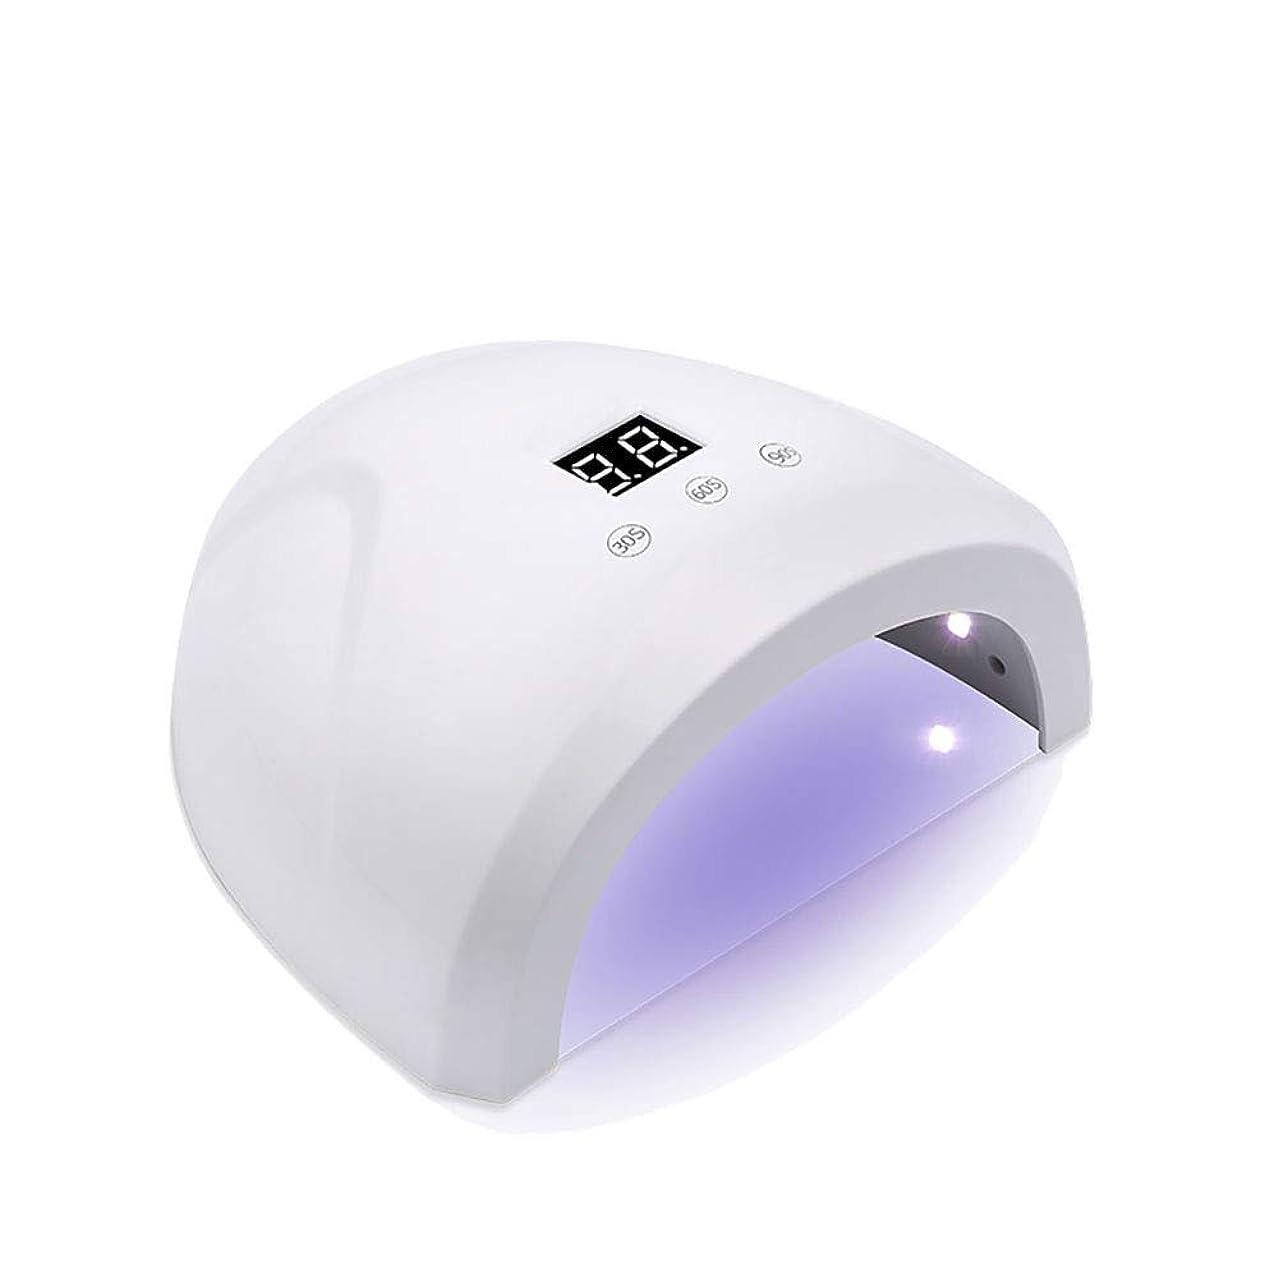 ジャニスいつでもぎこちない釘のドライヤー - 自動赤外線センサー、二重光源のLEDランプのゲルのドライヤーのマニキュアが付いている紫外線携帯用LEDの釘ランプ